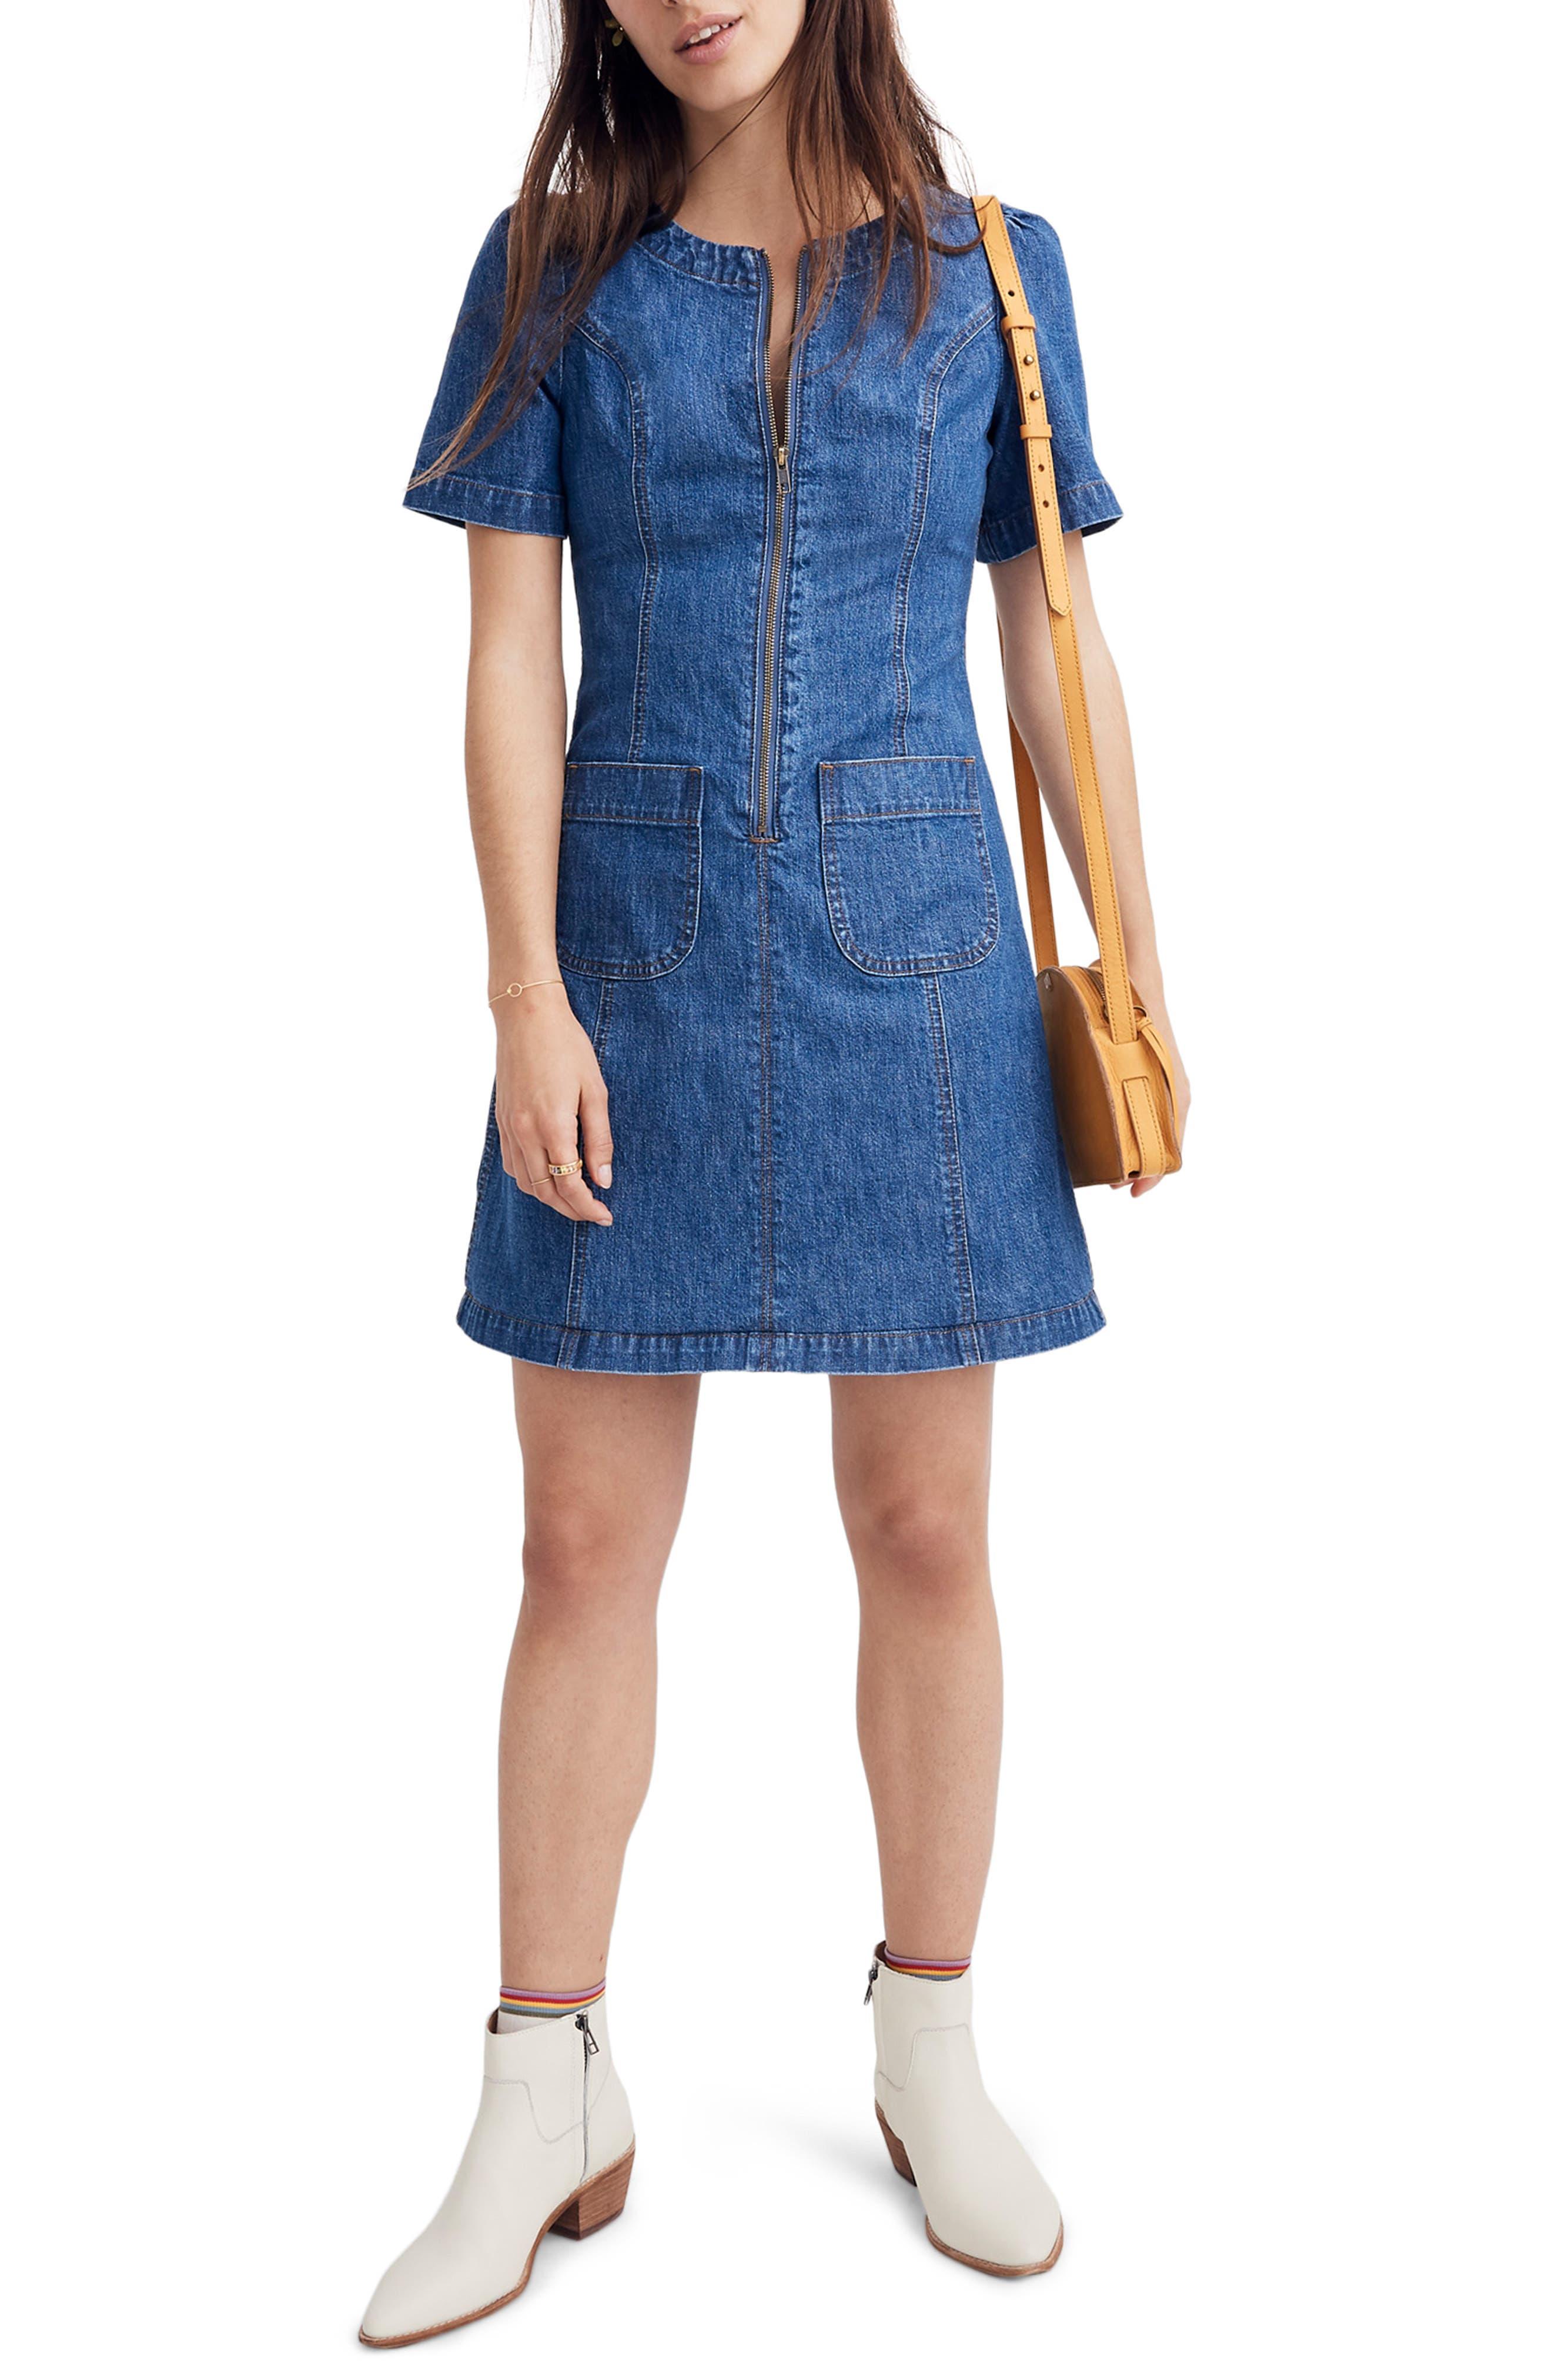 Madewell Denim A-Line Zip Front Dress, Blue